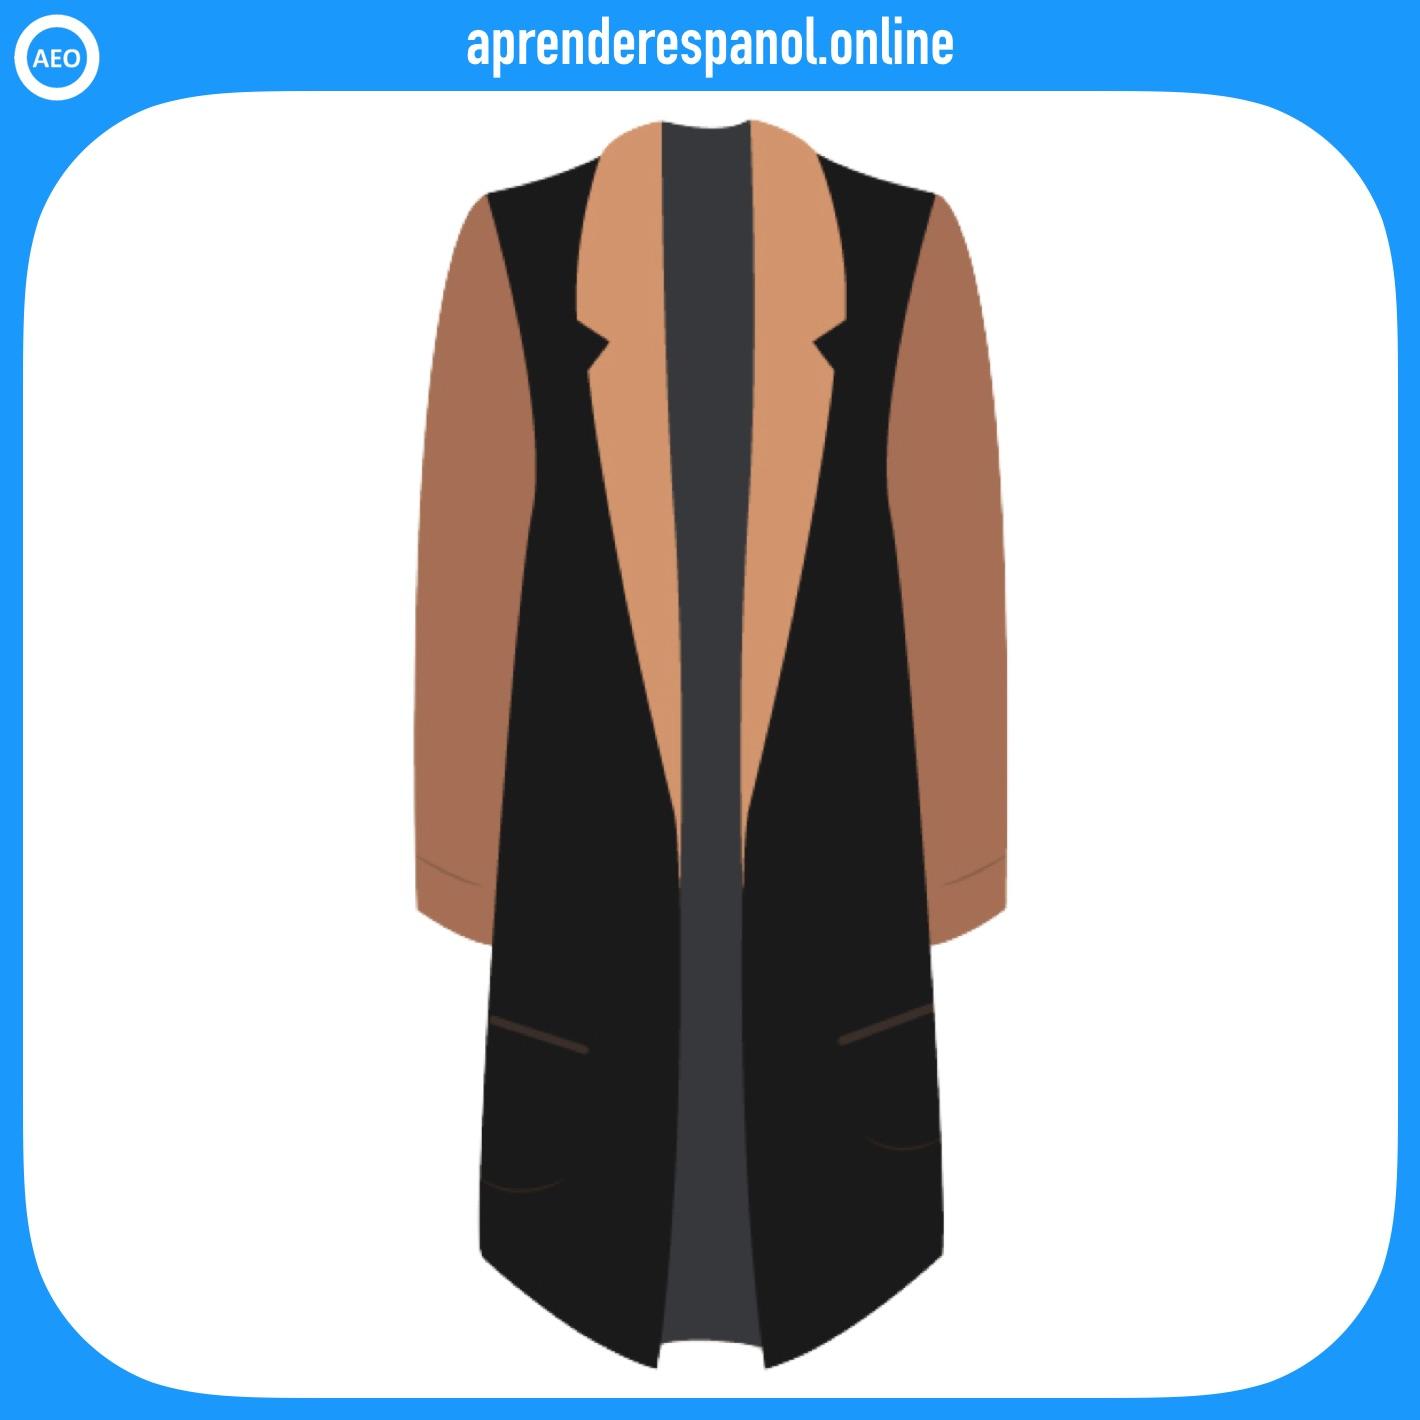 abrigo | ropa en español | vocabulario de la ropa en español